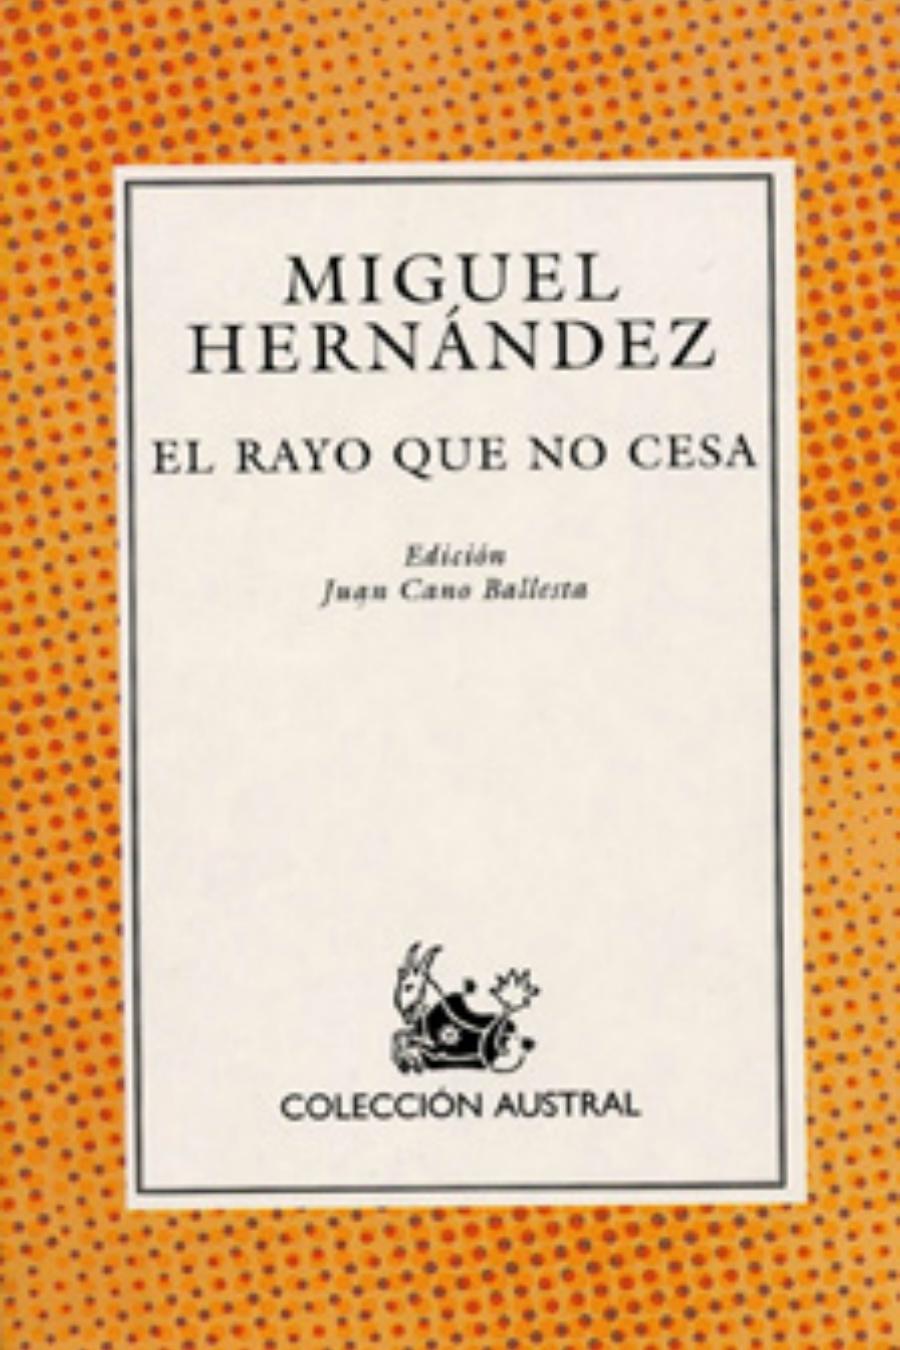 Poesía Miguel Hernández Elegía A Ramón Sijé Loff It